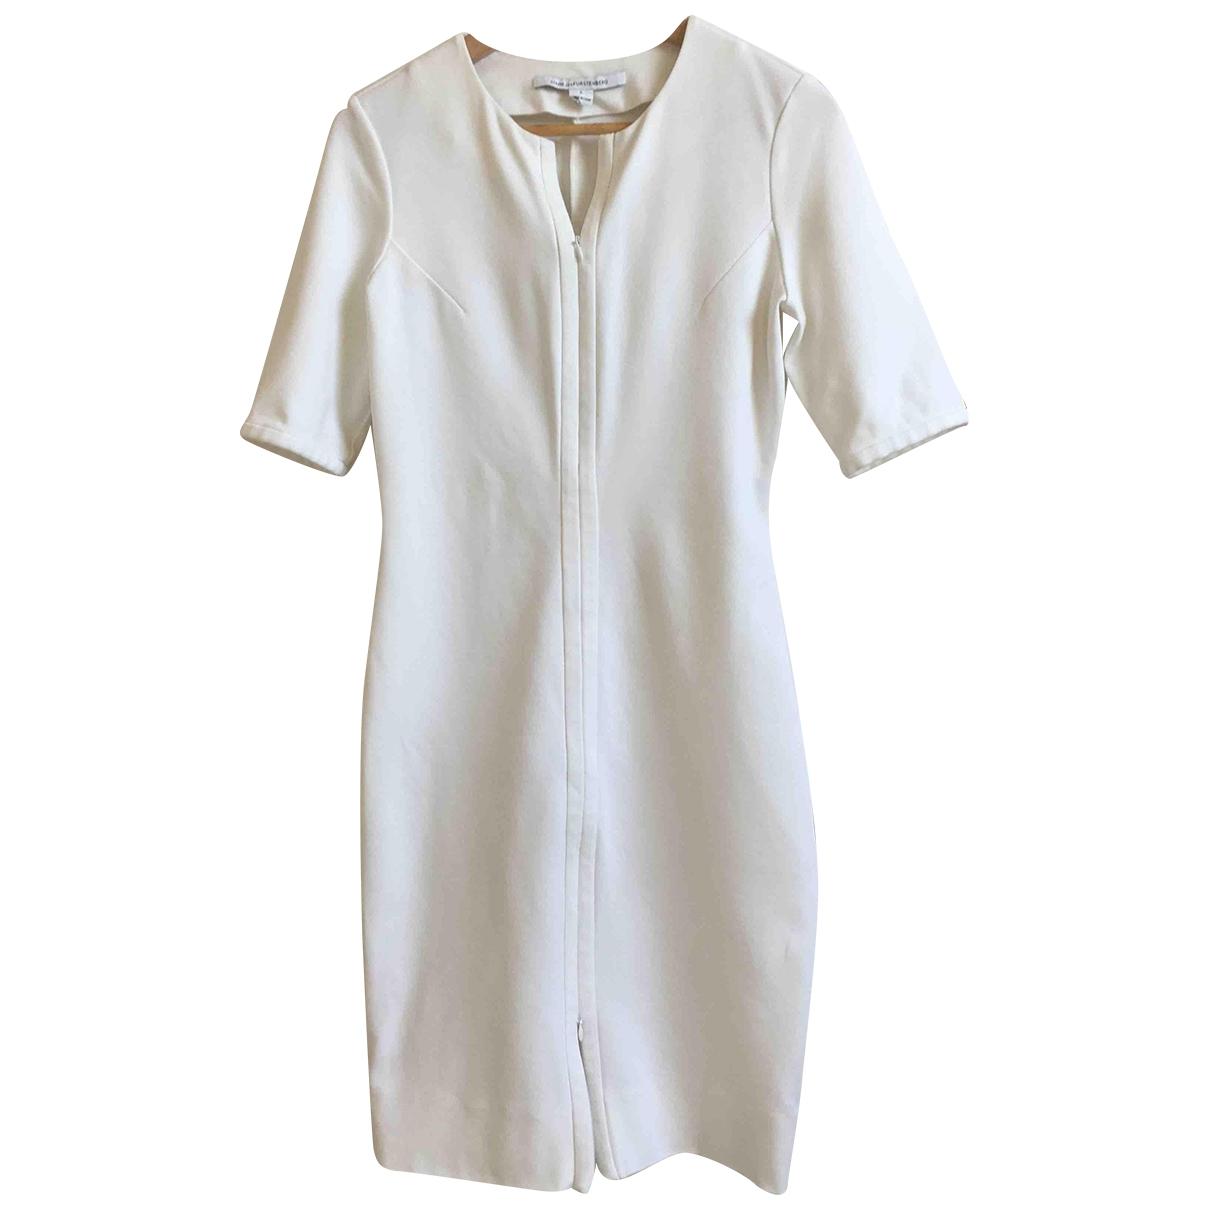 Diane Von Furstenberg \N White dress for Women 8 US